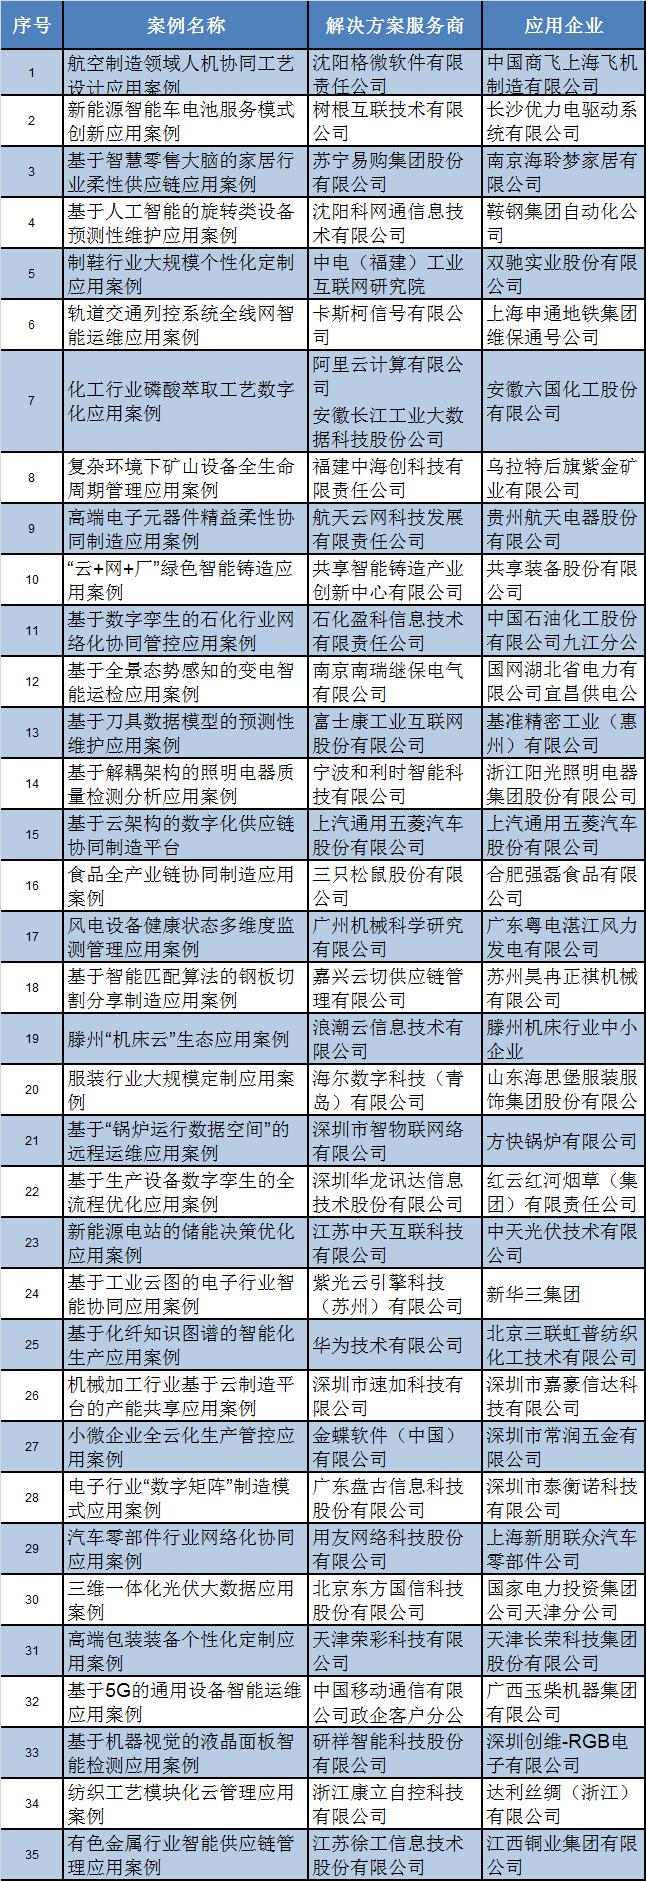 工信部公布35家工业互联网平台创新应用案例名单